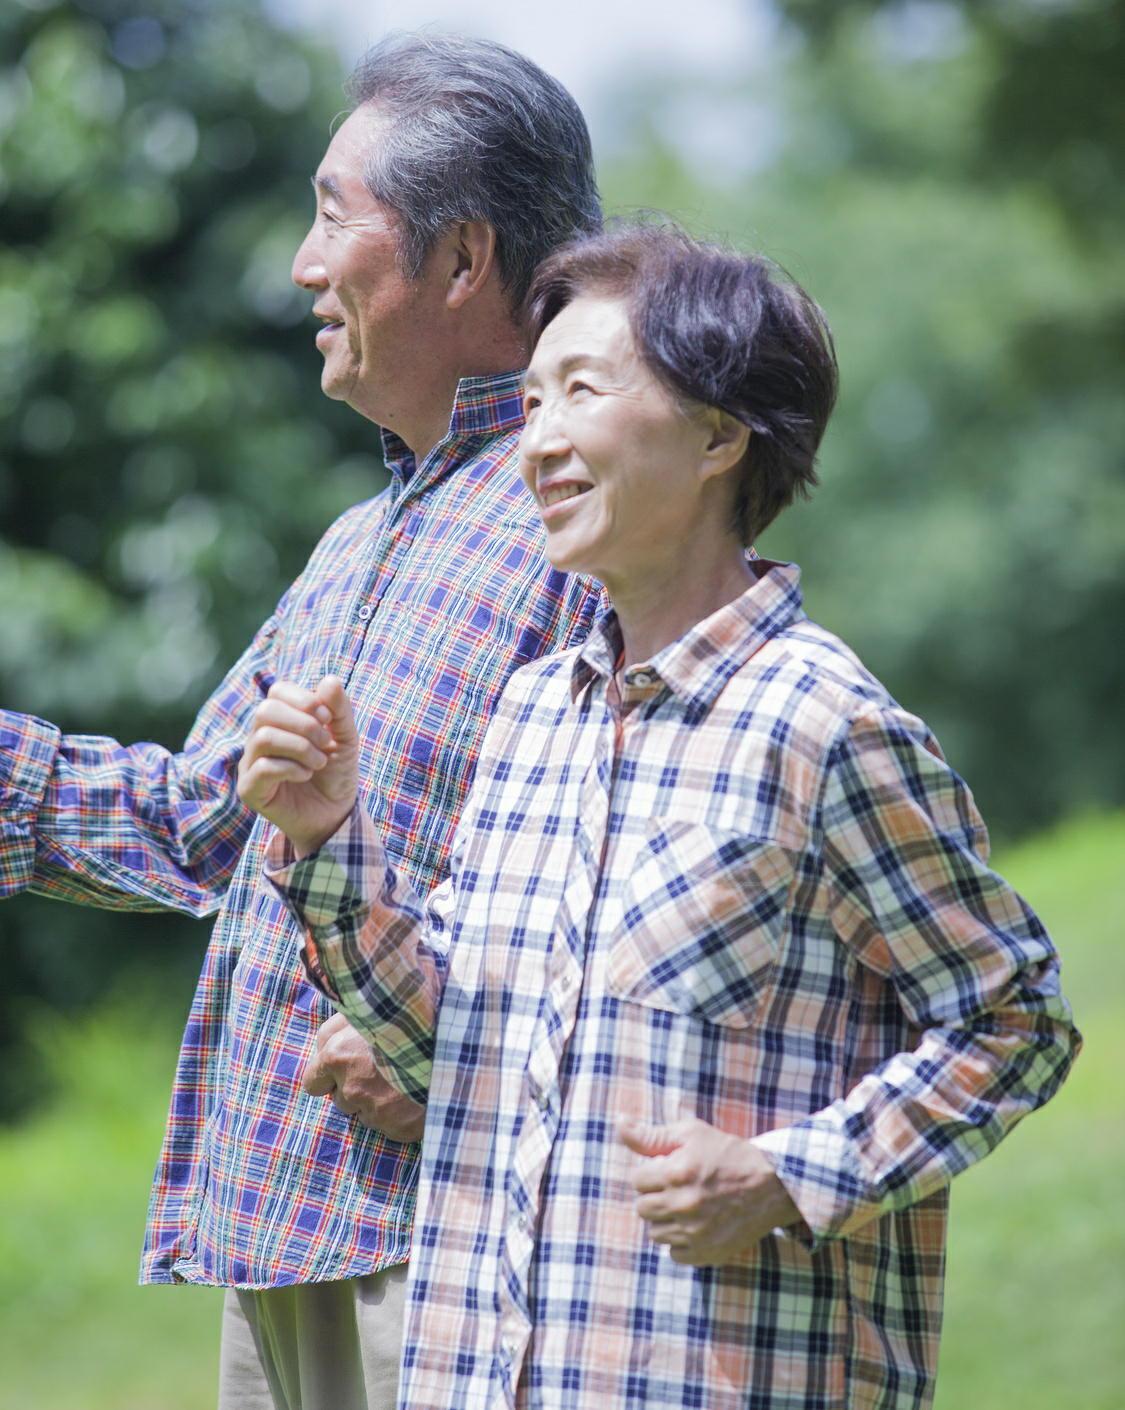 後期高齢者の6割が3疾患以上の慢性疾患を併存 後期高齢者約131万人分のレセプト情報を分析